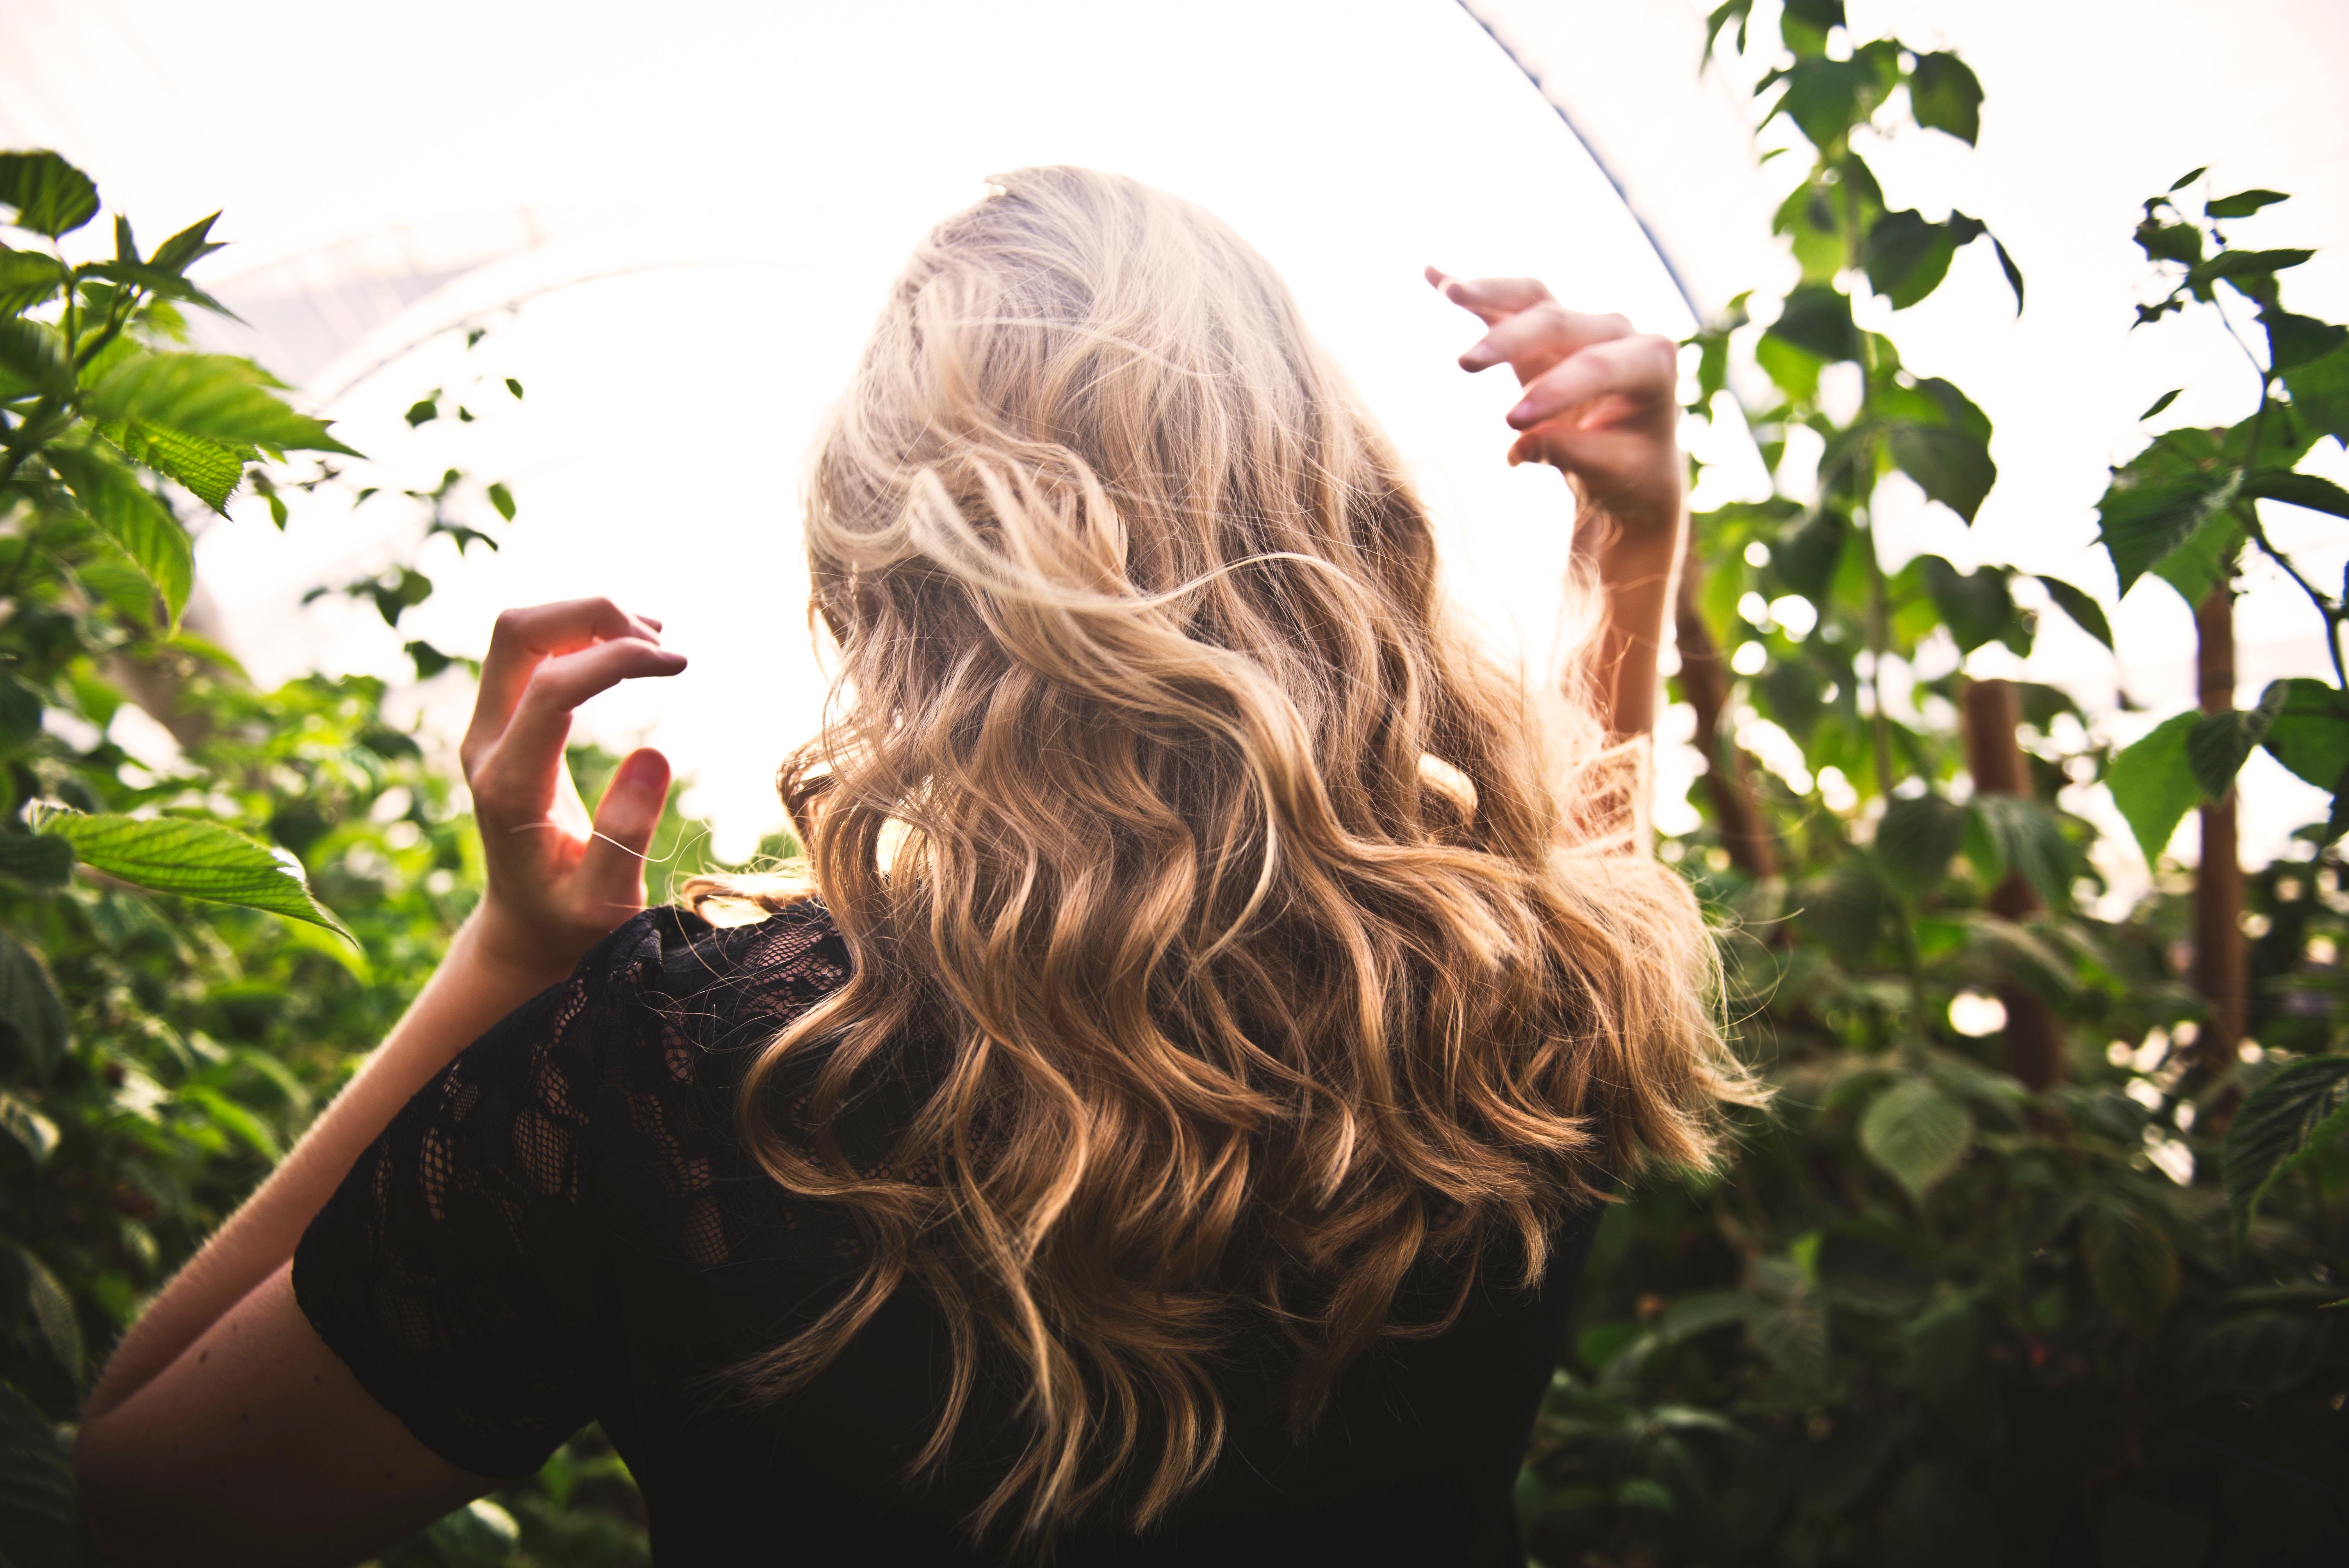 non-surgical hair extension